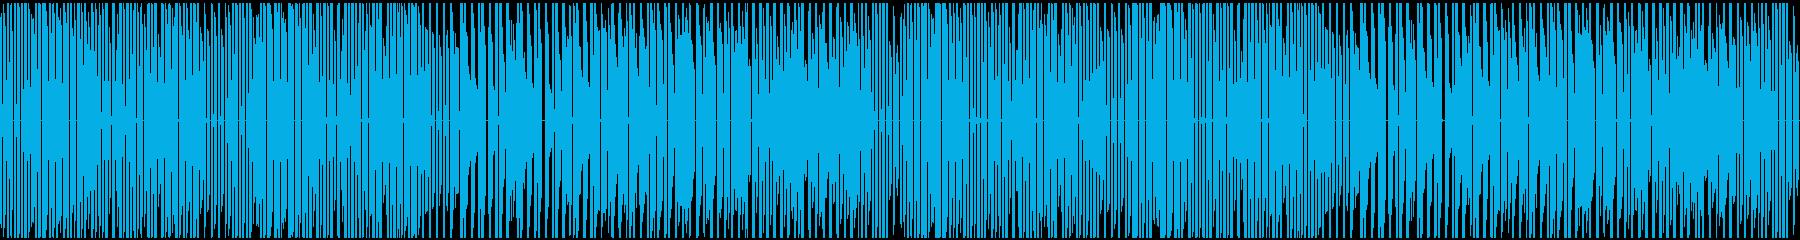 ファミコン風どこか和風な勢いのあるBGMの再生済みの波形